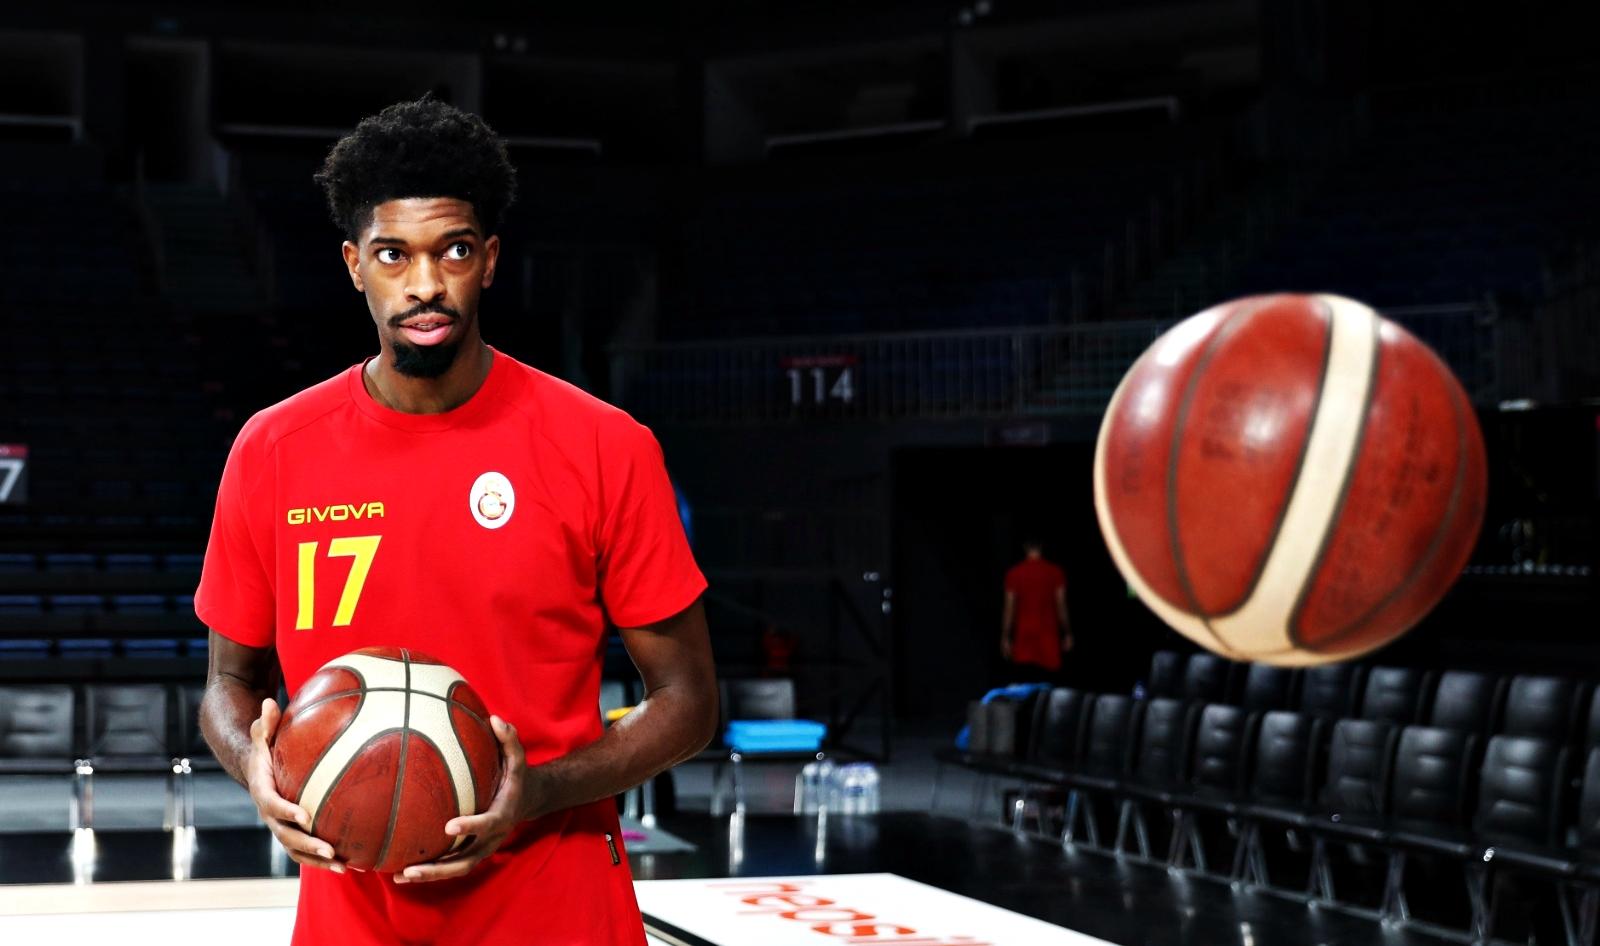 Amile Jefferson: Galatasaray'da olmaktan dolayı çok mutluyum